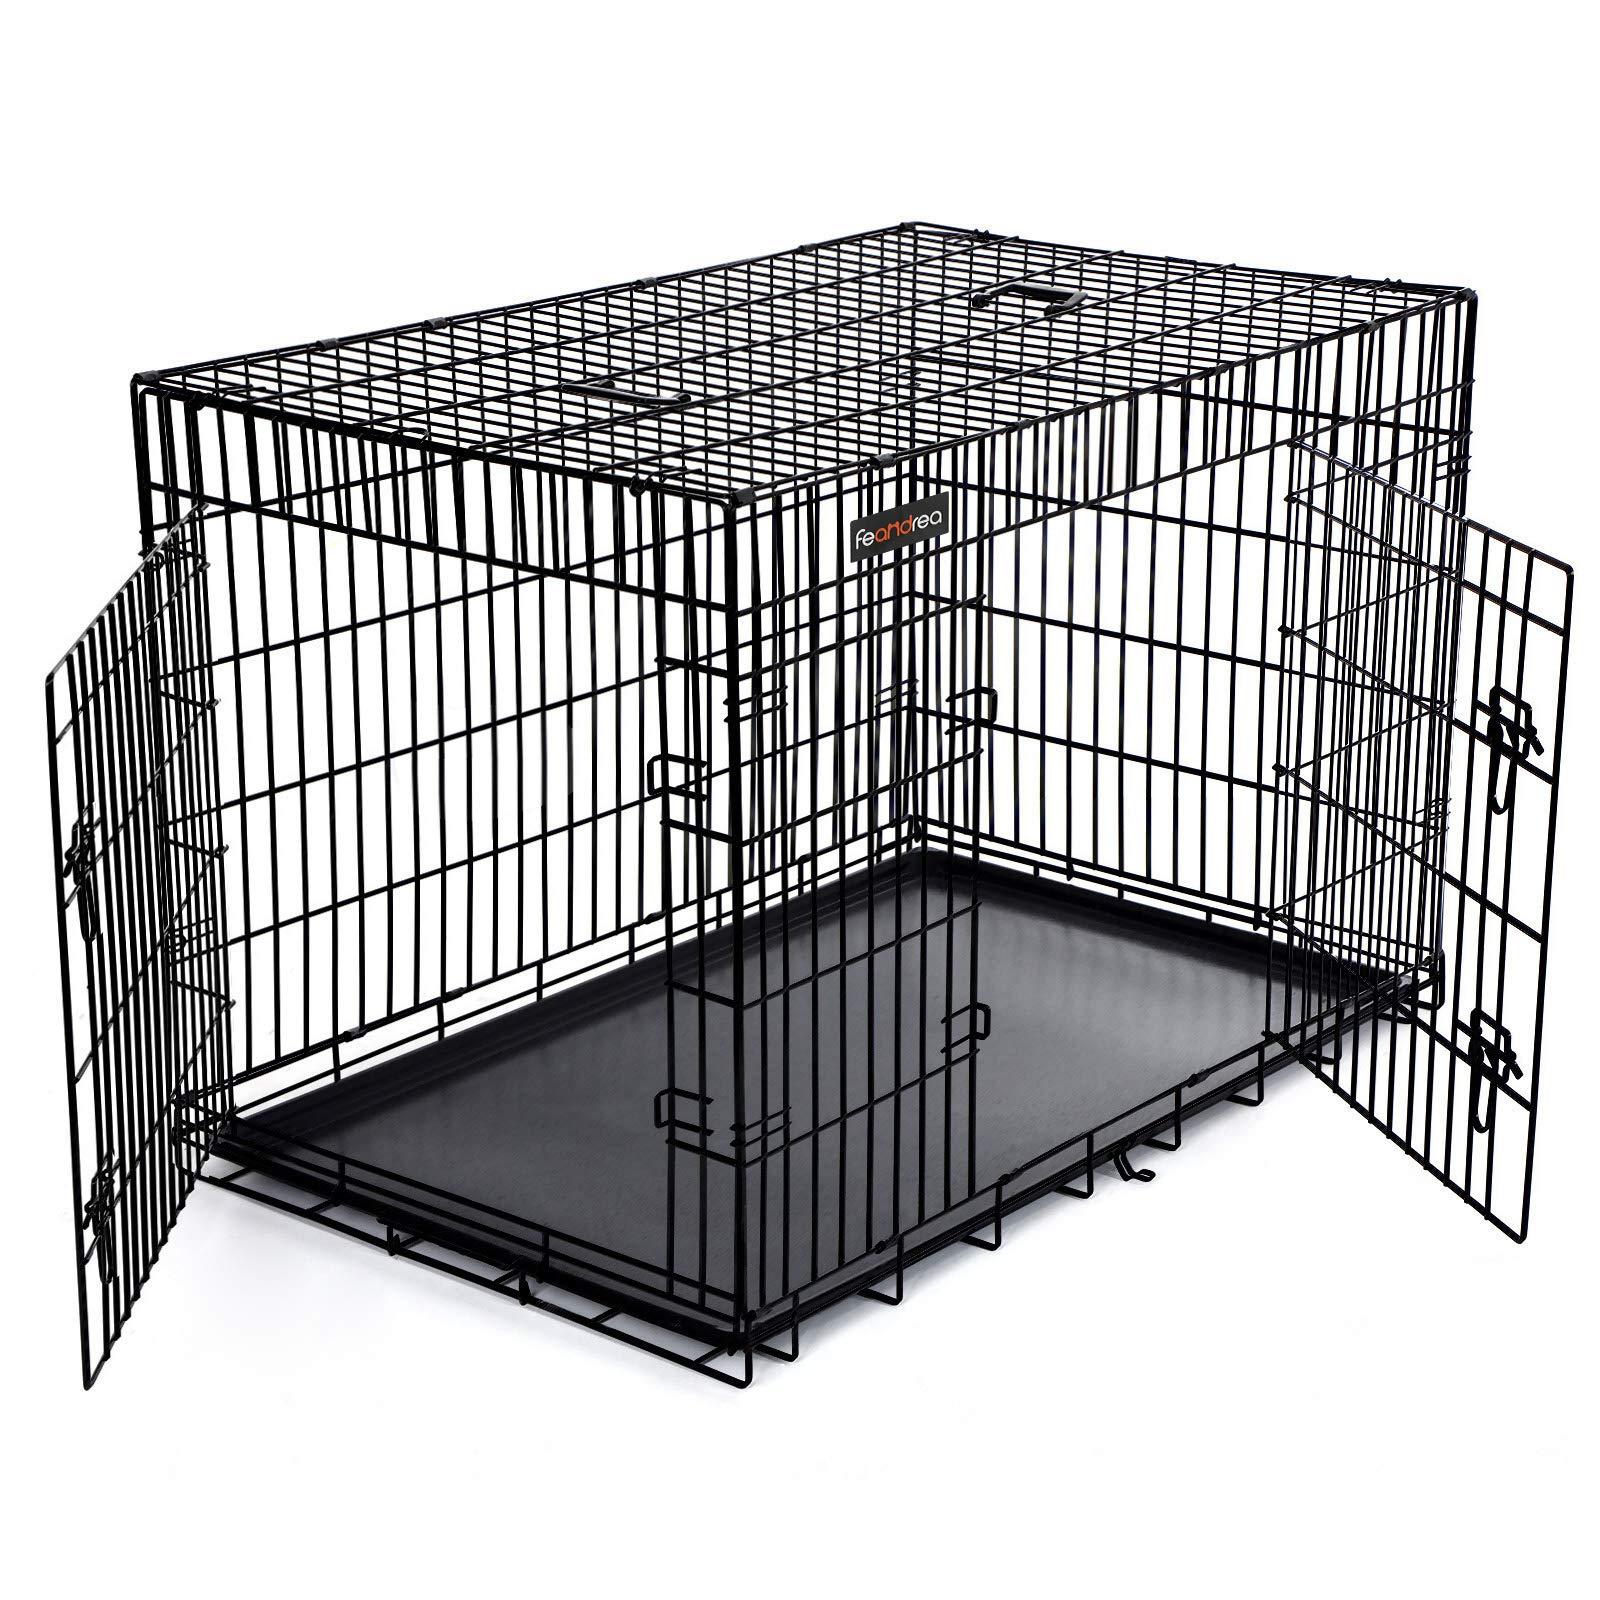 FEANDREA Jaula metálica para Perros Transportín Plegable para Mascotas Negro XXXL 122 x 76 x 81